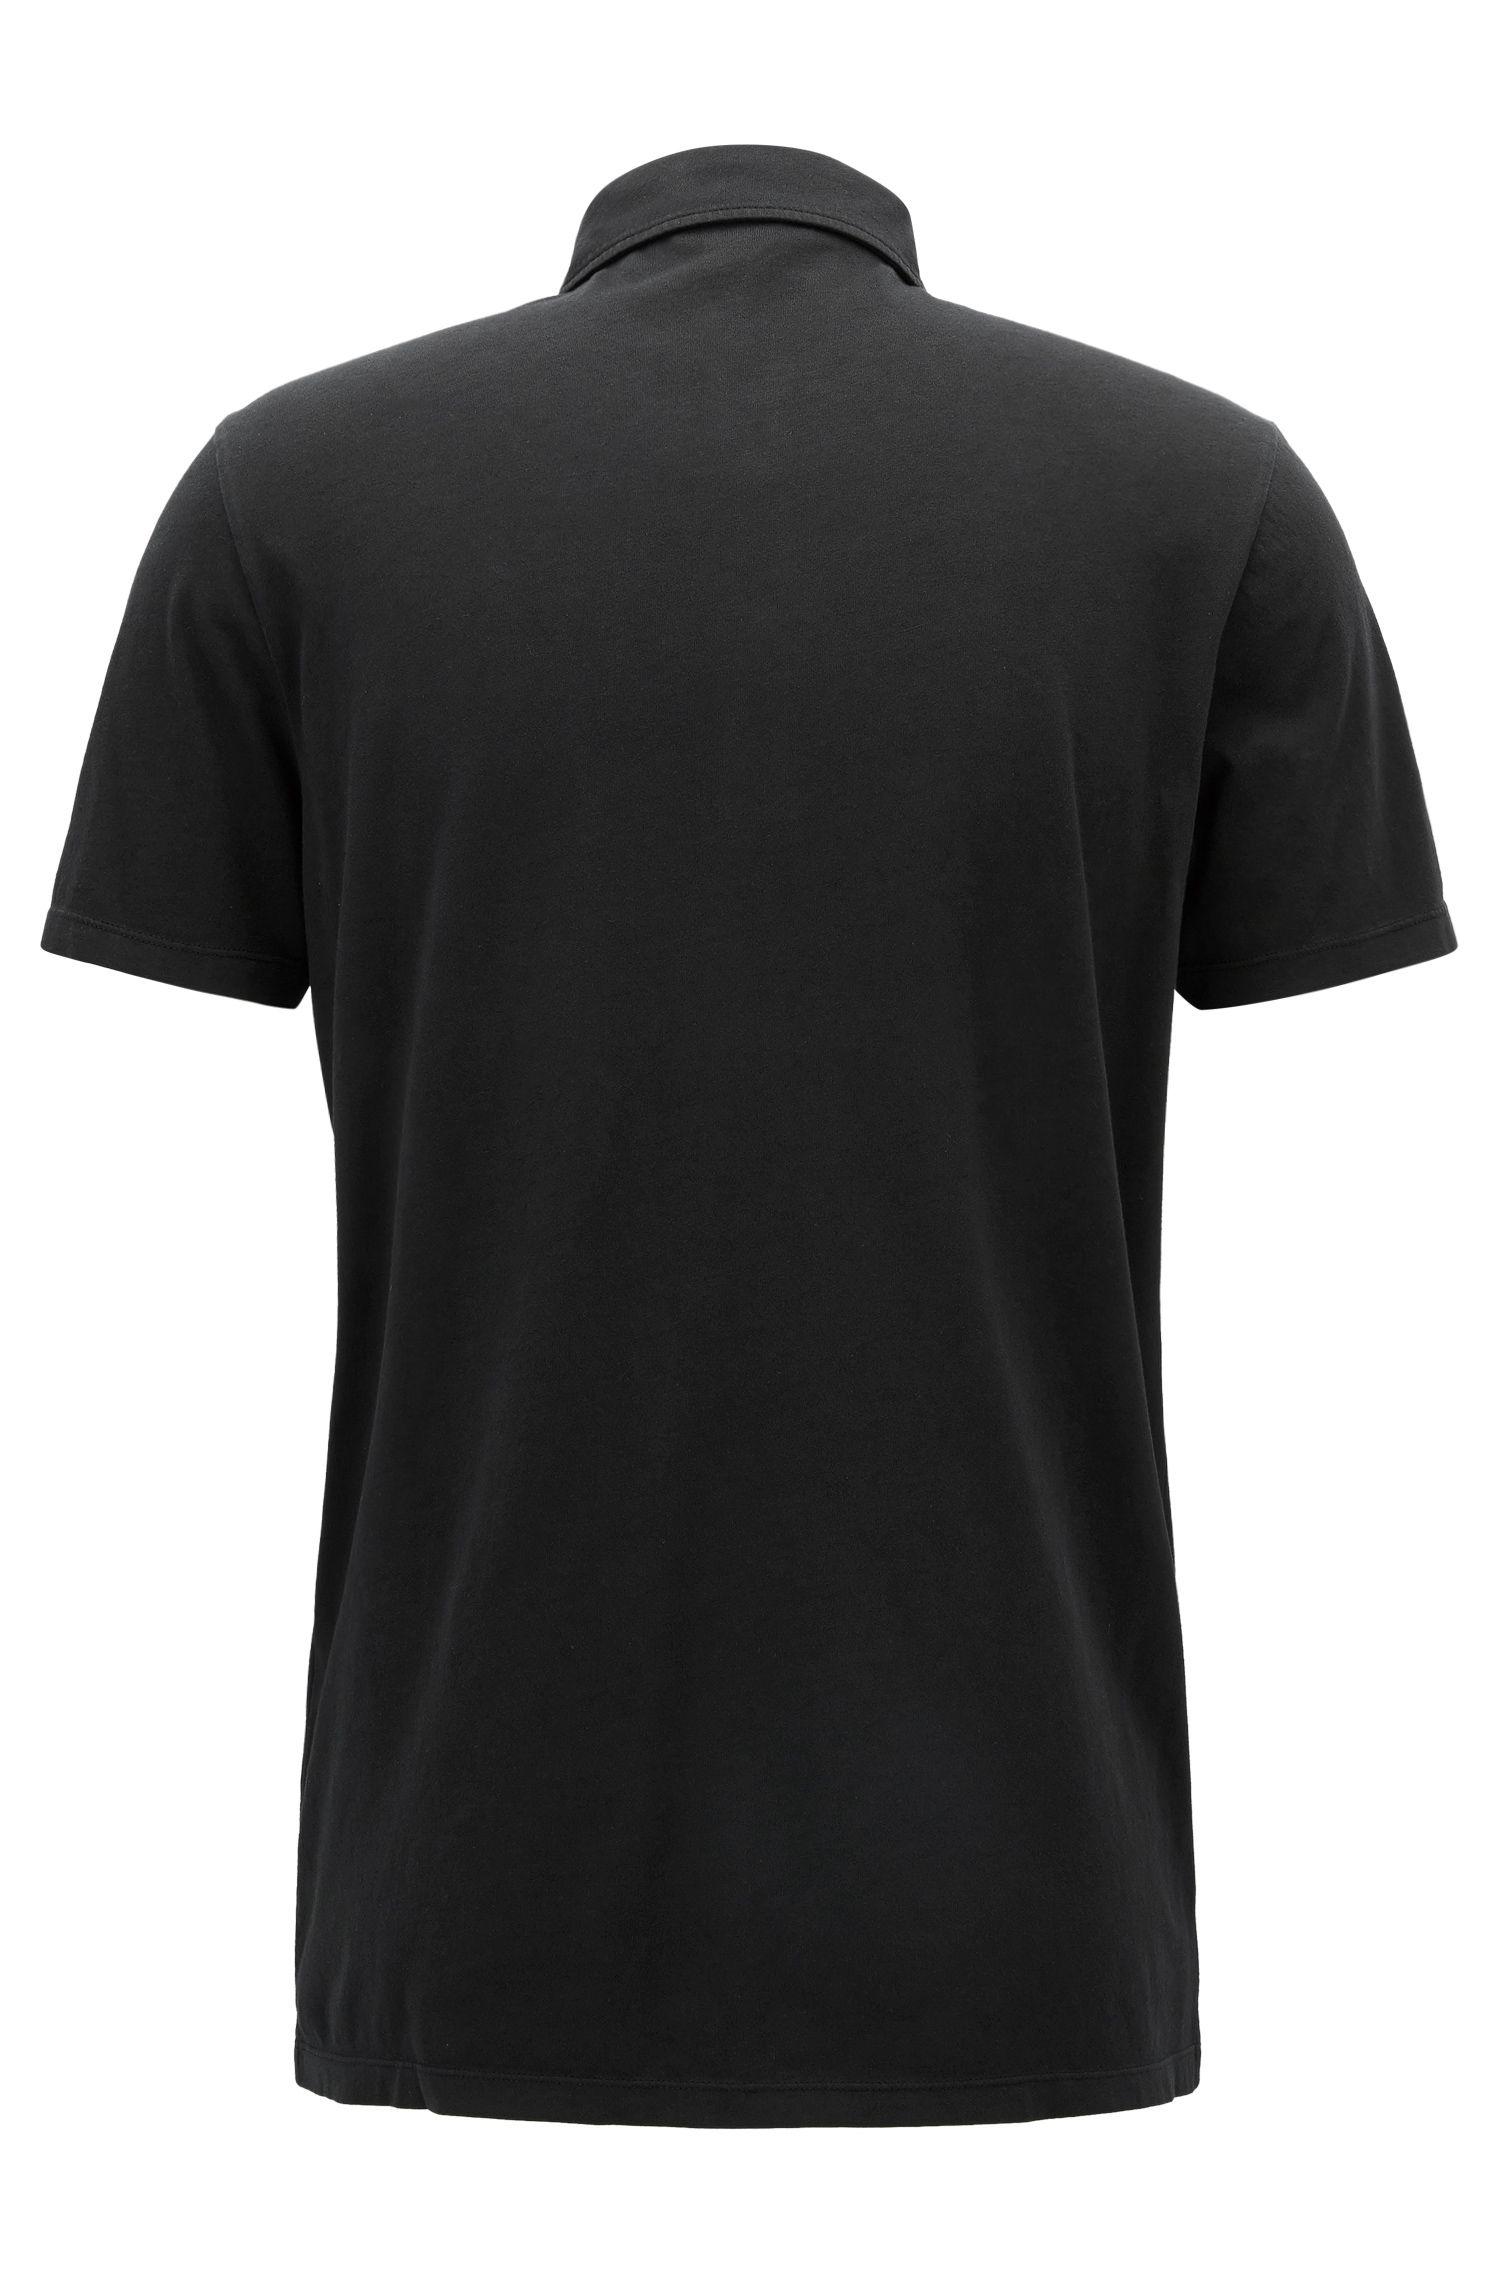 Regular-Fit Poloshirt aus stückgefärbtem Single Jersey